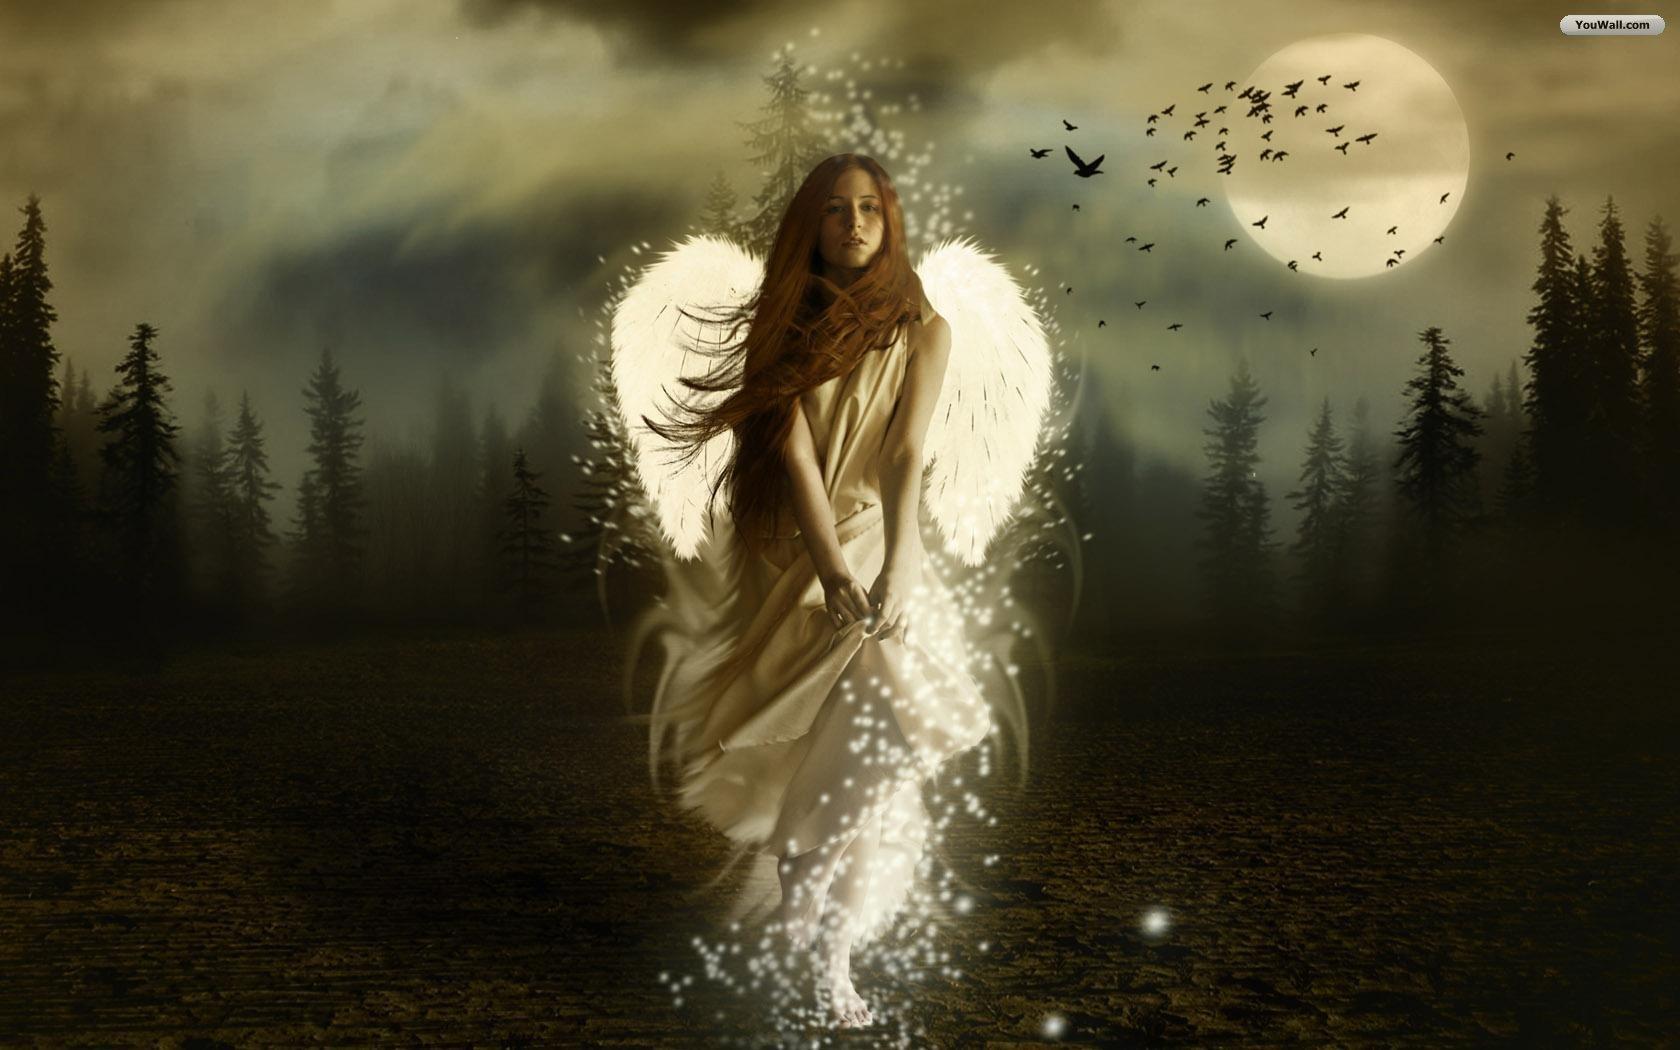 Angel Wallpaper   wallpaperwallpapersfree wallpaperphotodesktop 1680x1050